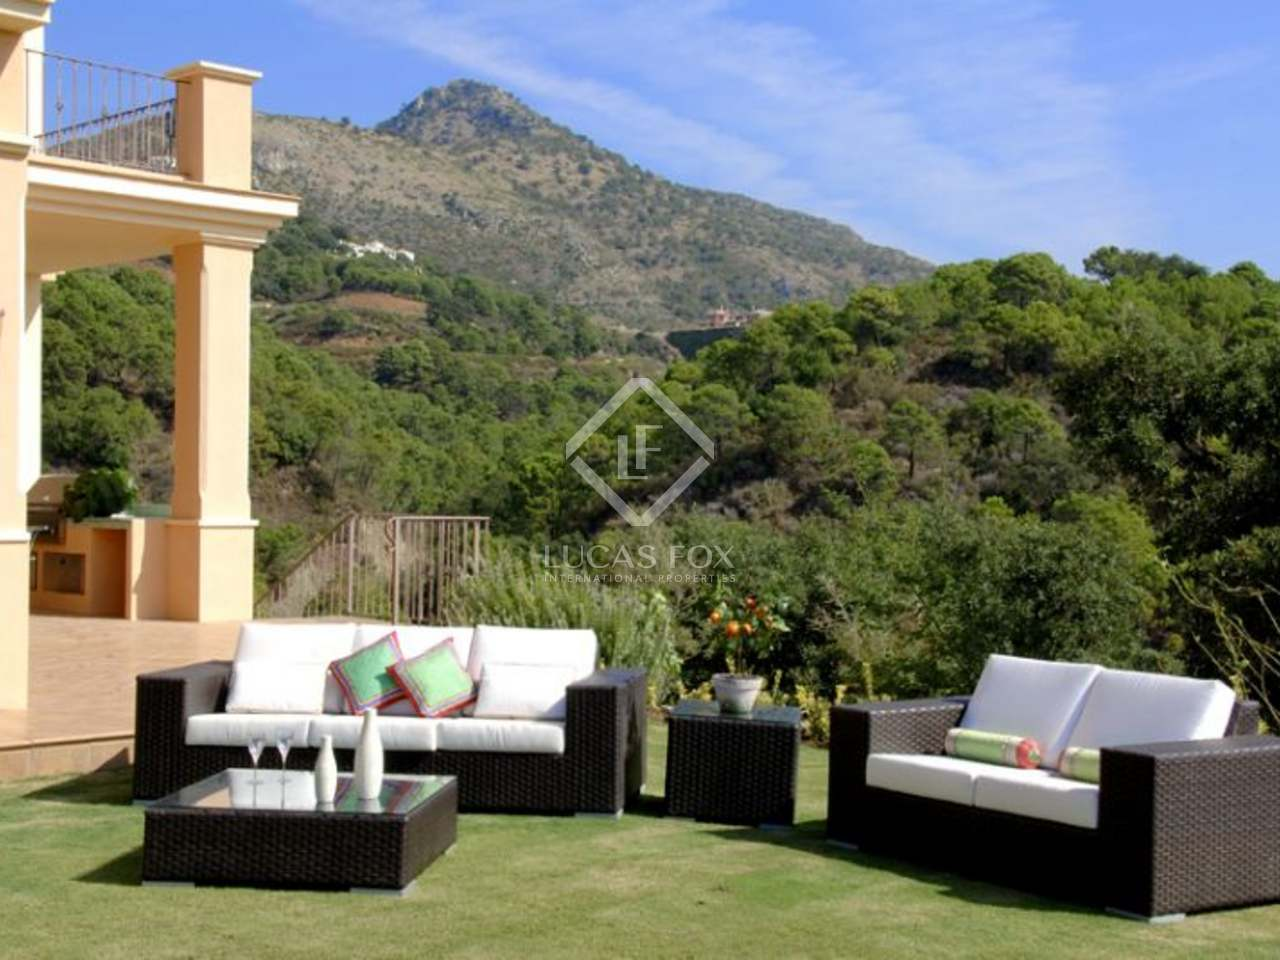 4 bedroom villa for sale in the marbella club golf resort - Marbella club villas ...